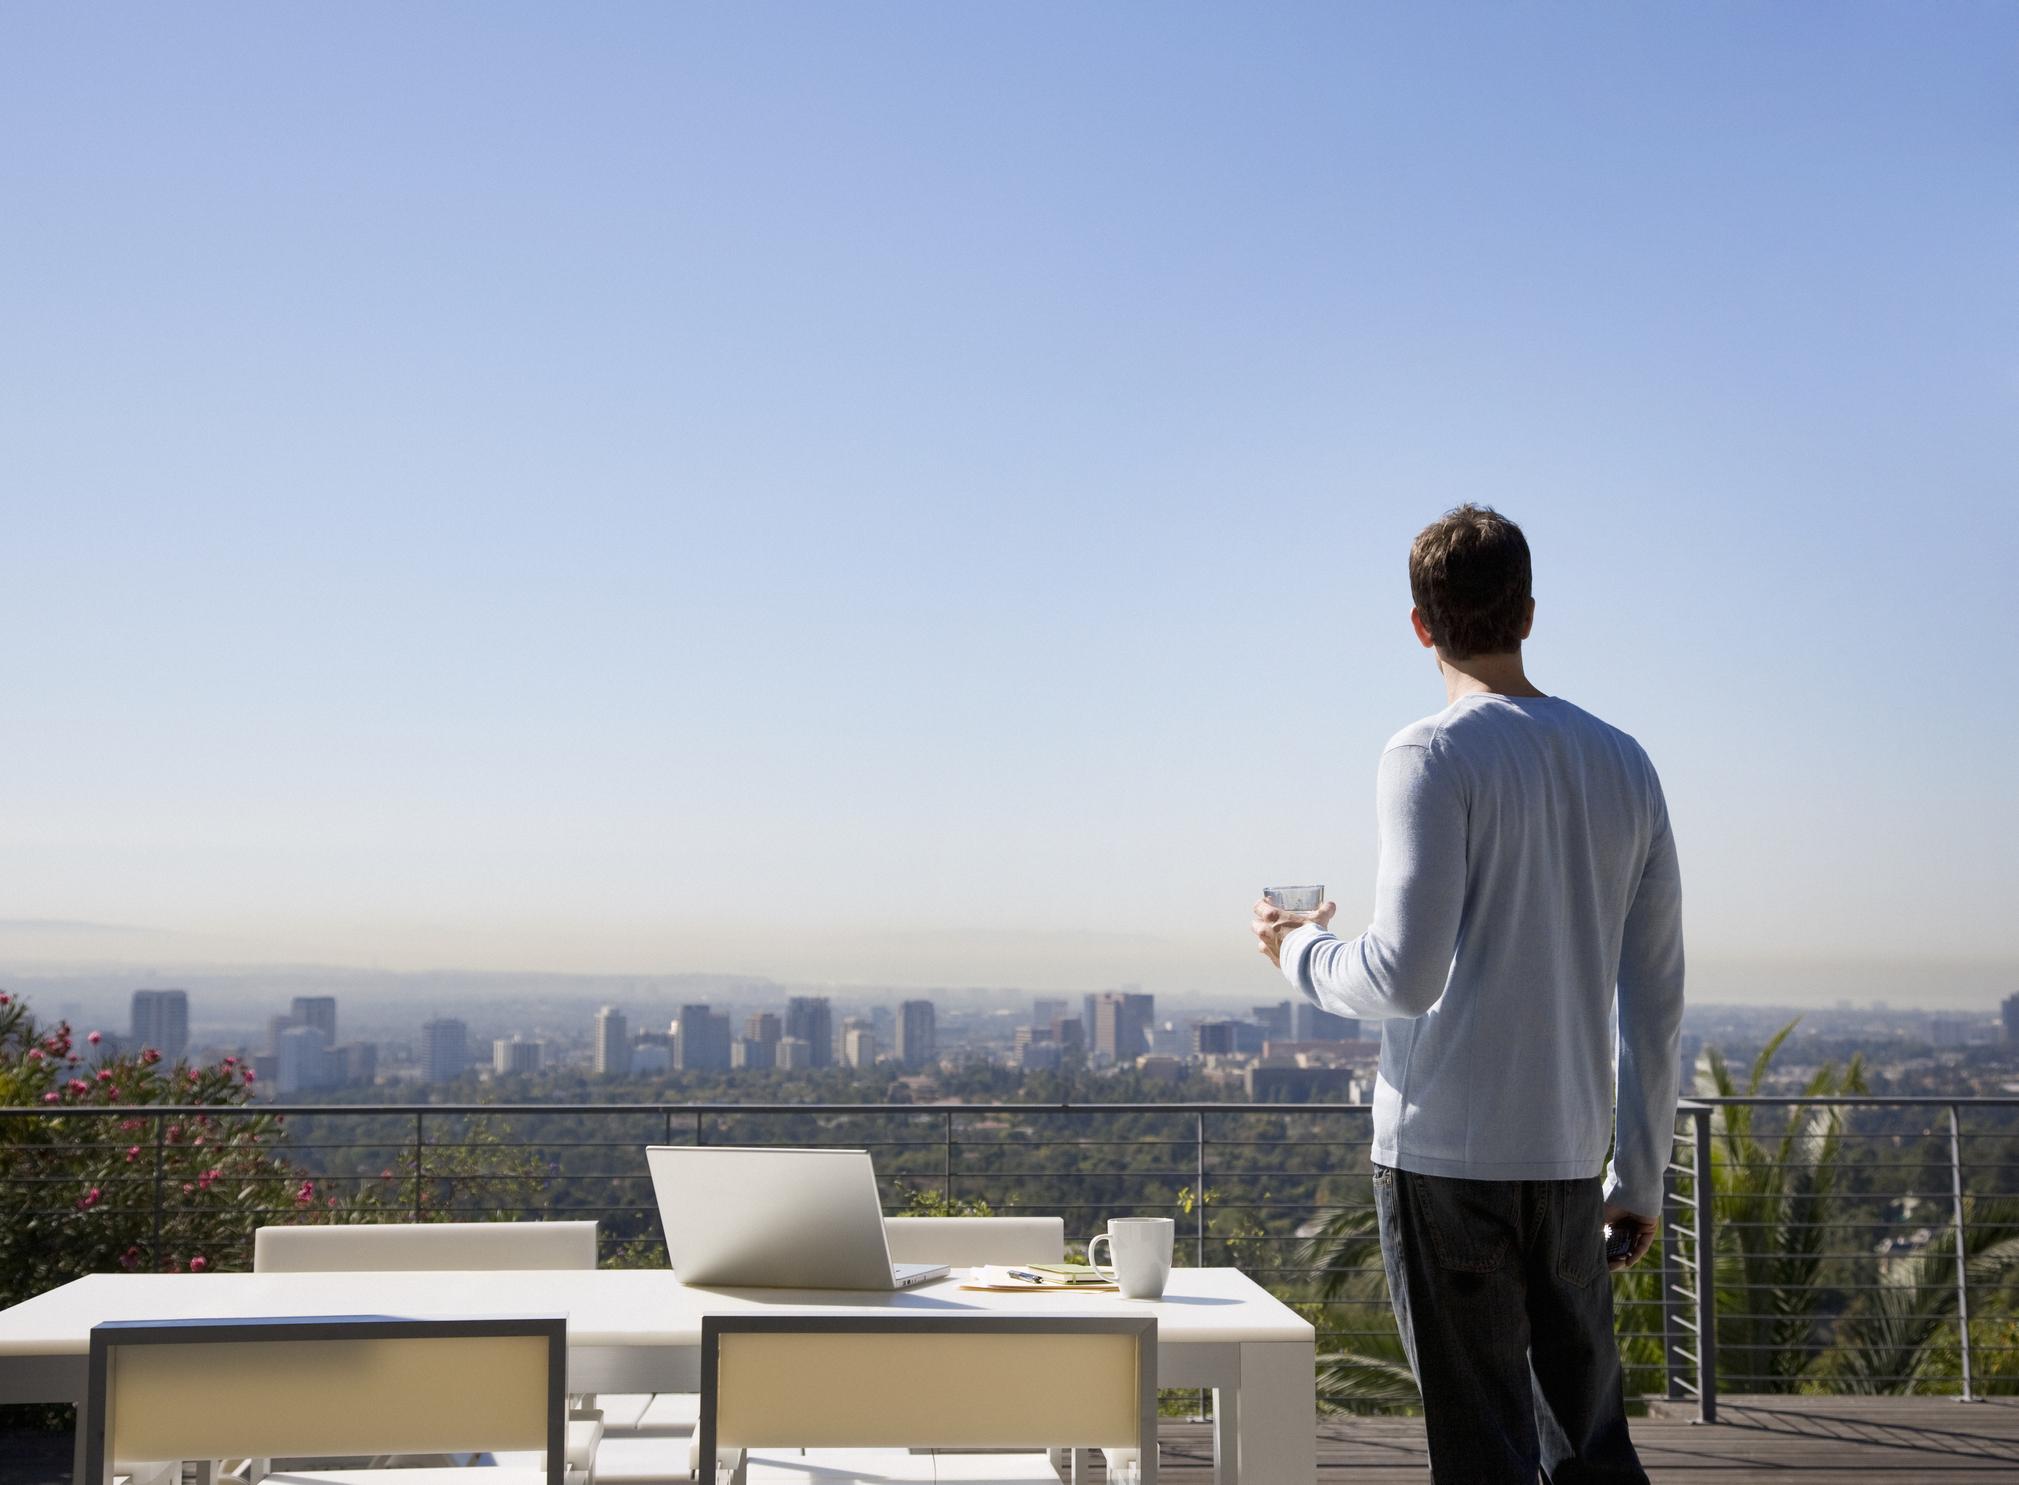 man-using-laptop-on-balcony-overlooking-cityjpg